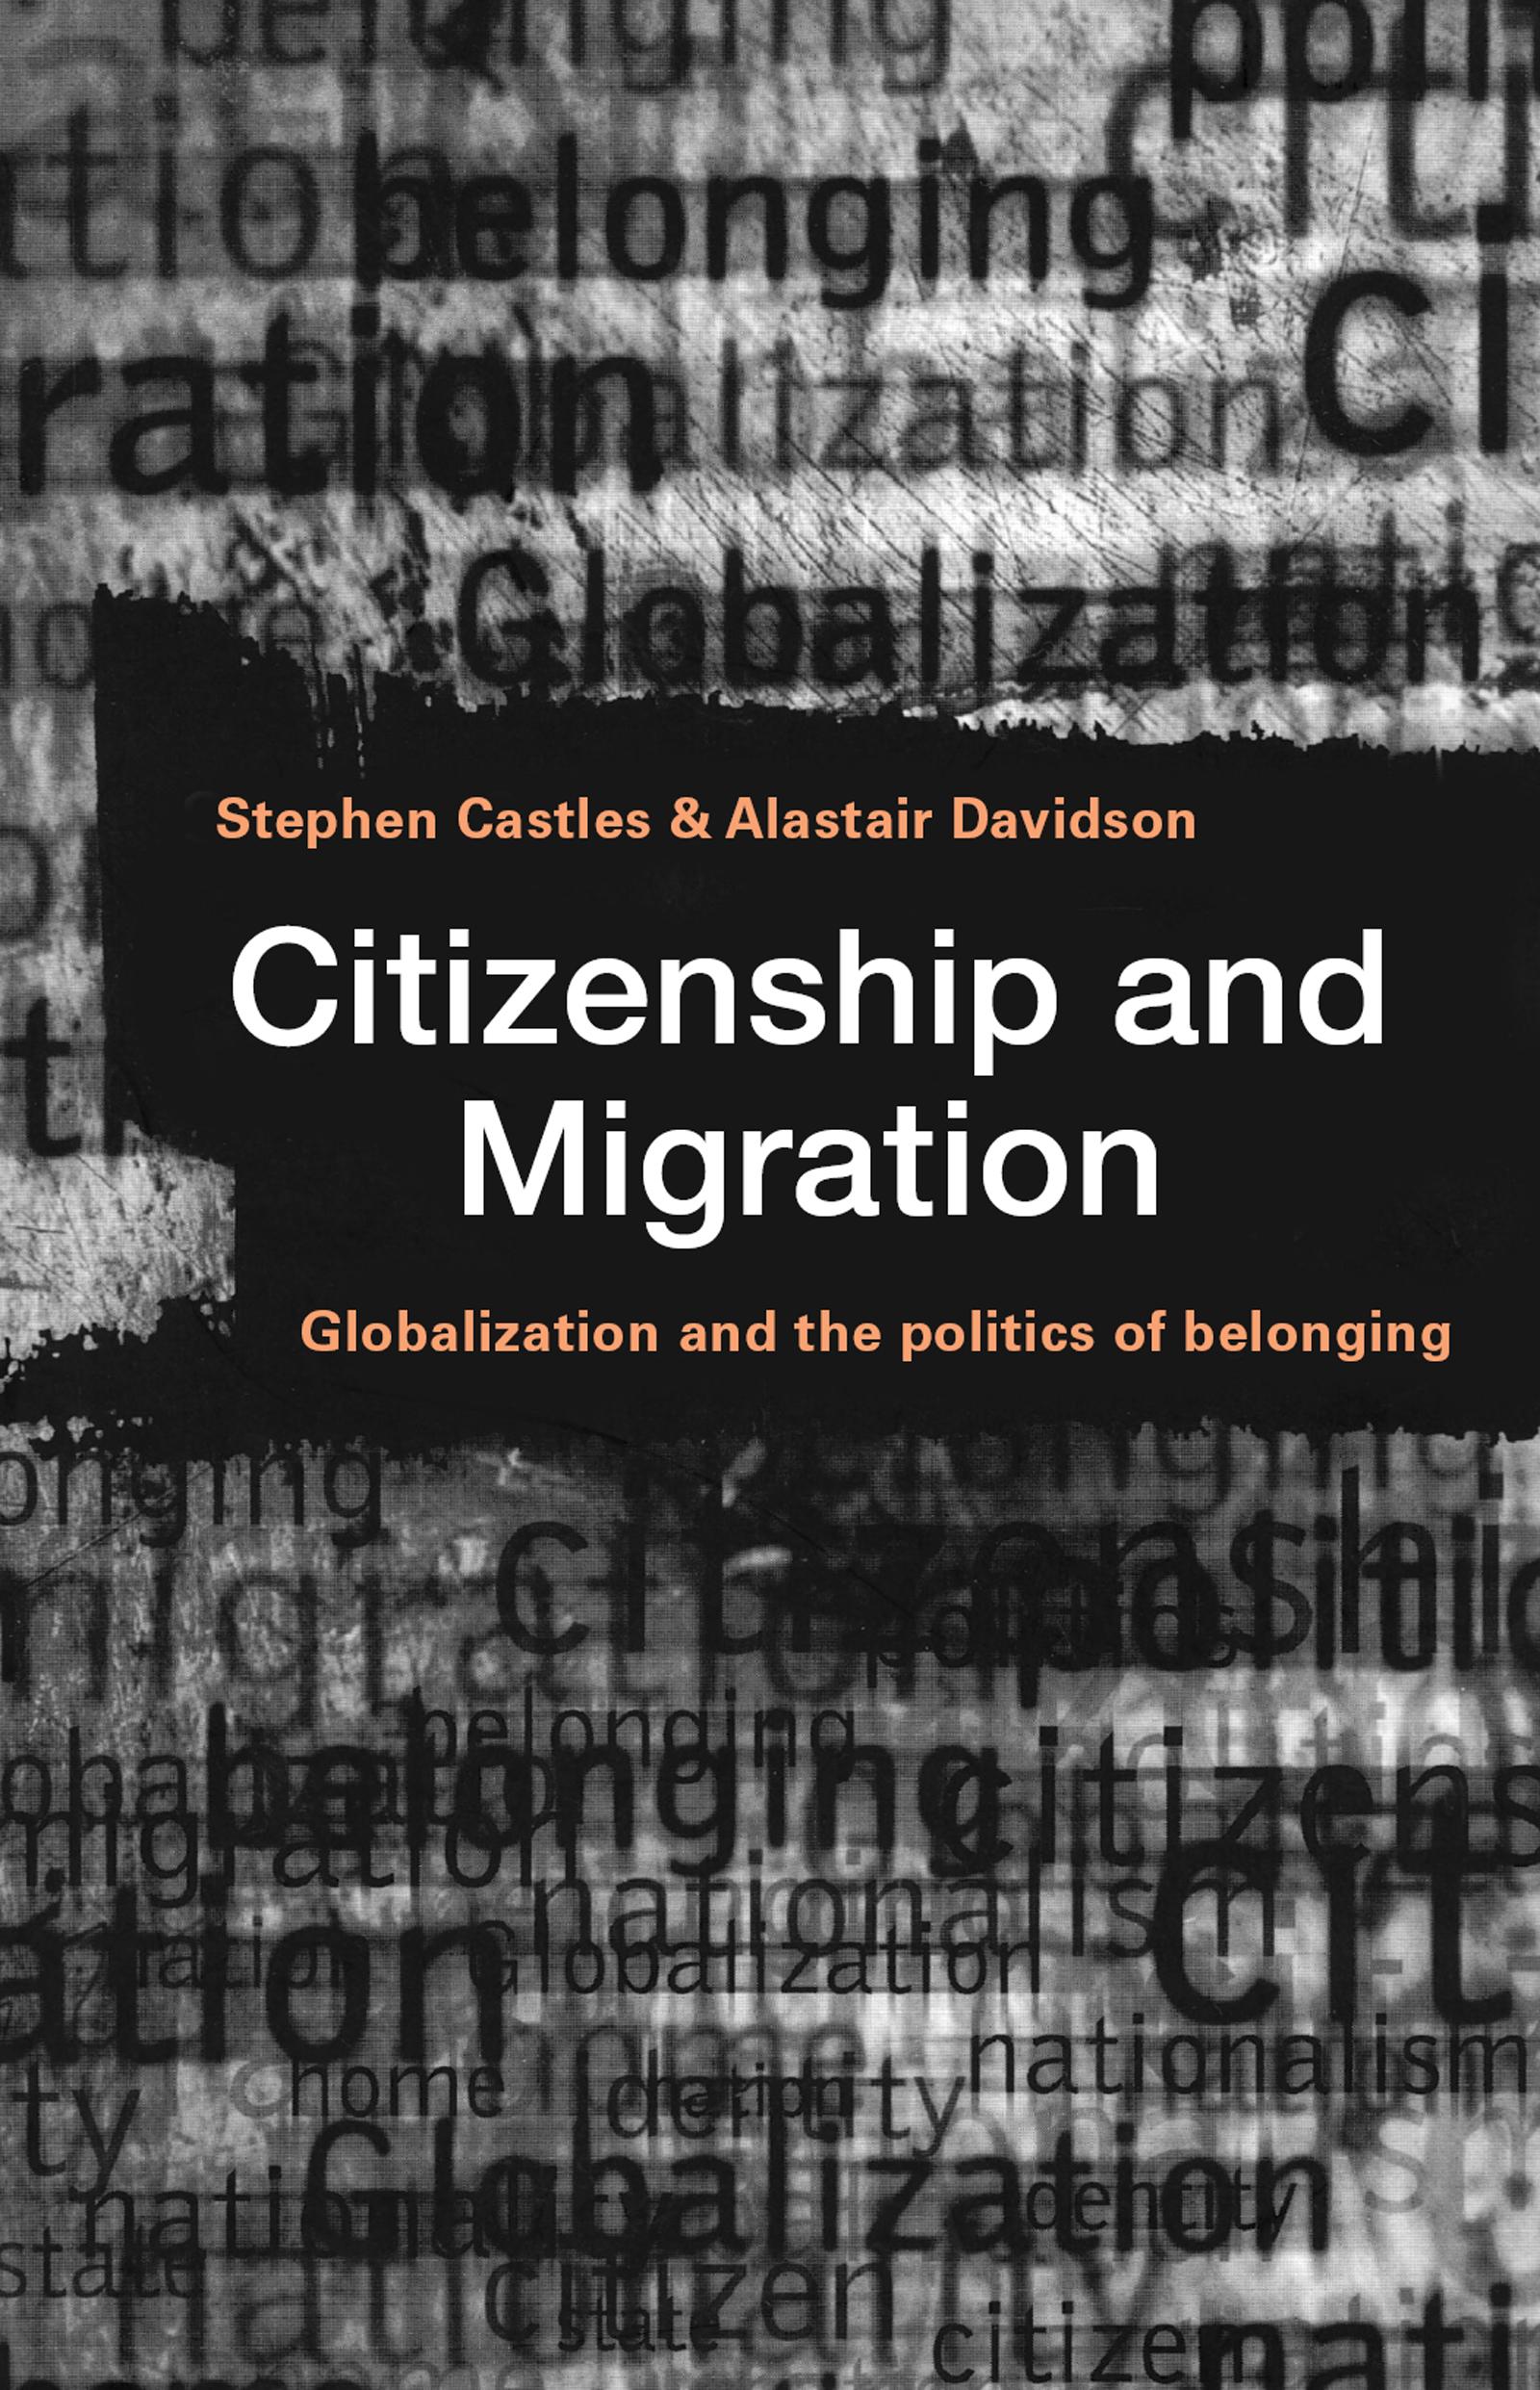 Postscript: Citizenship or Chaos?